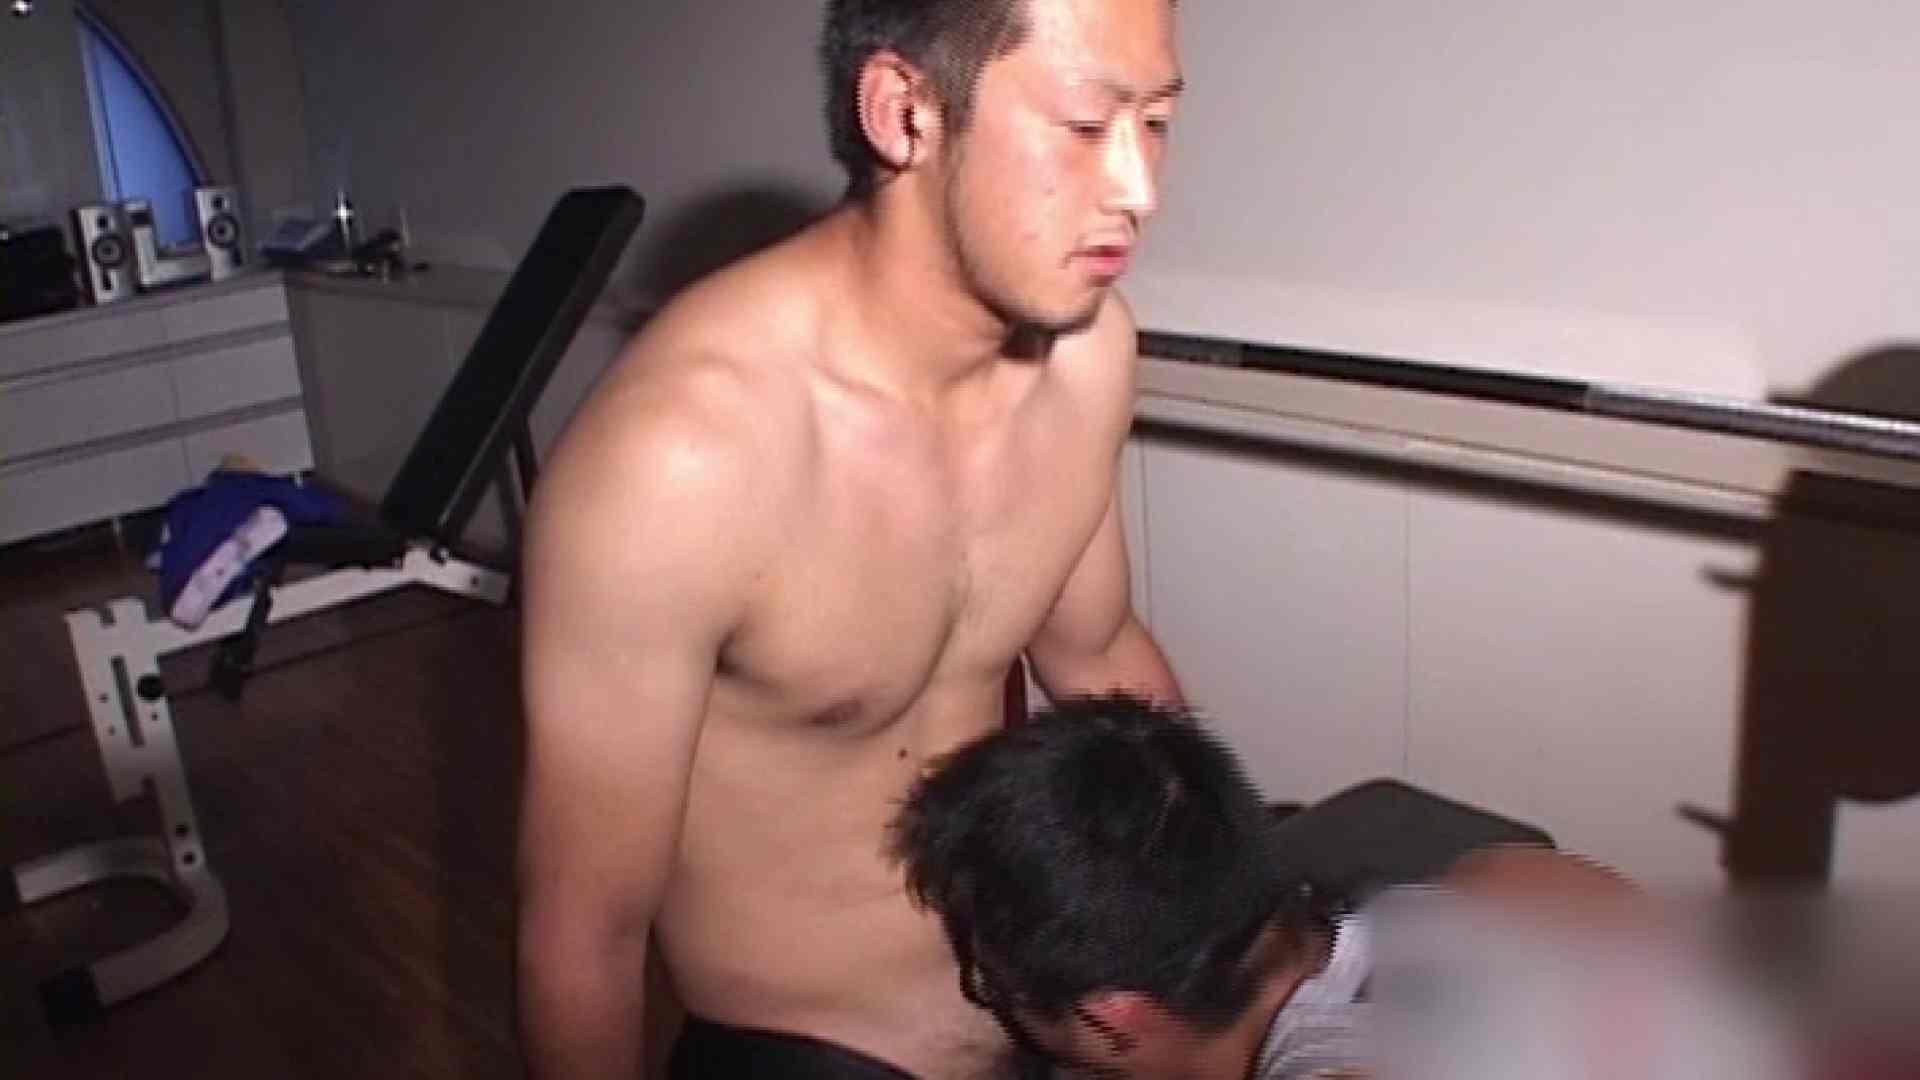 珍肉も筋肉の内!!vol.1 発射天国 ゲイ無修正ビデオ画像 66pic 44